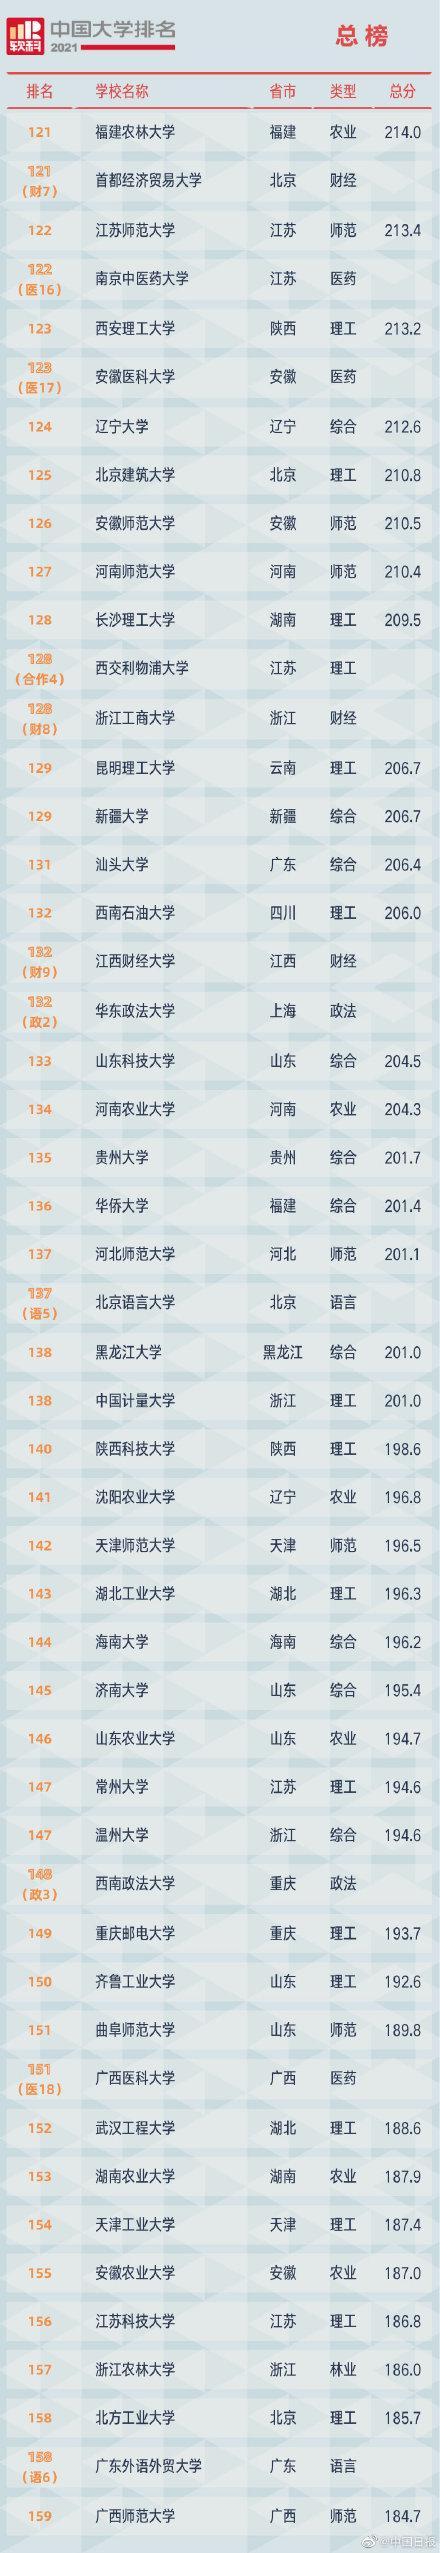 2021软科中国大学排名发布 全球新闻风头榜 第4张